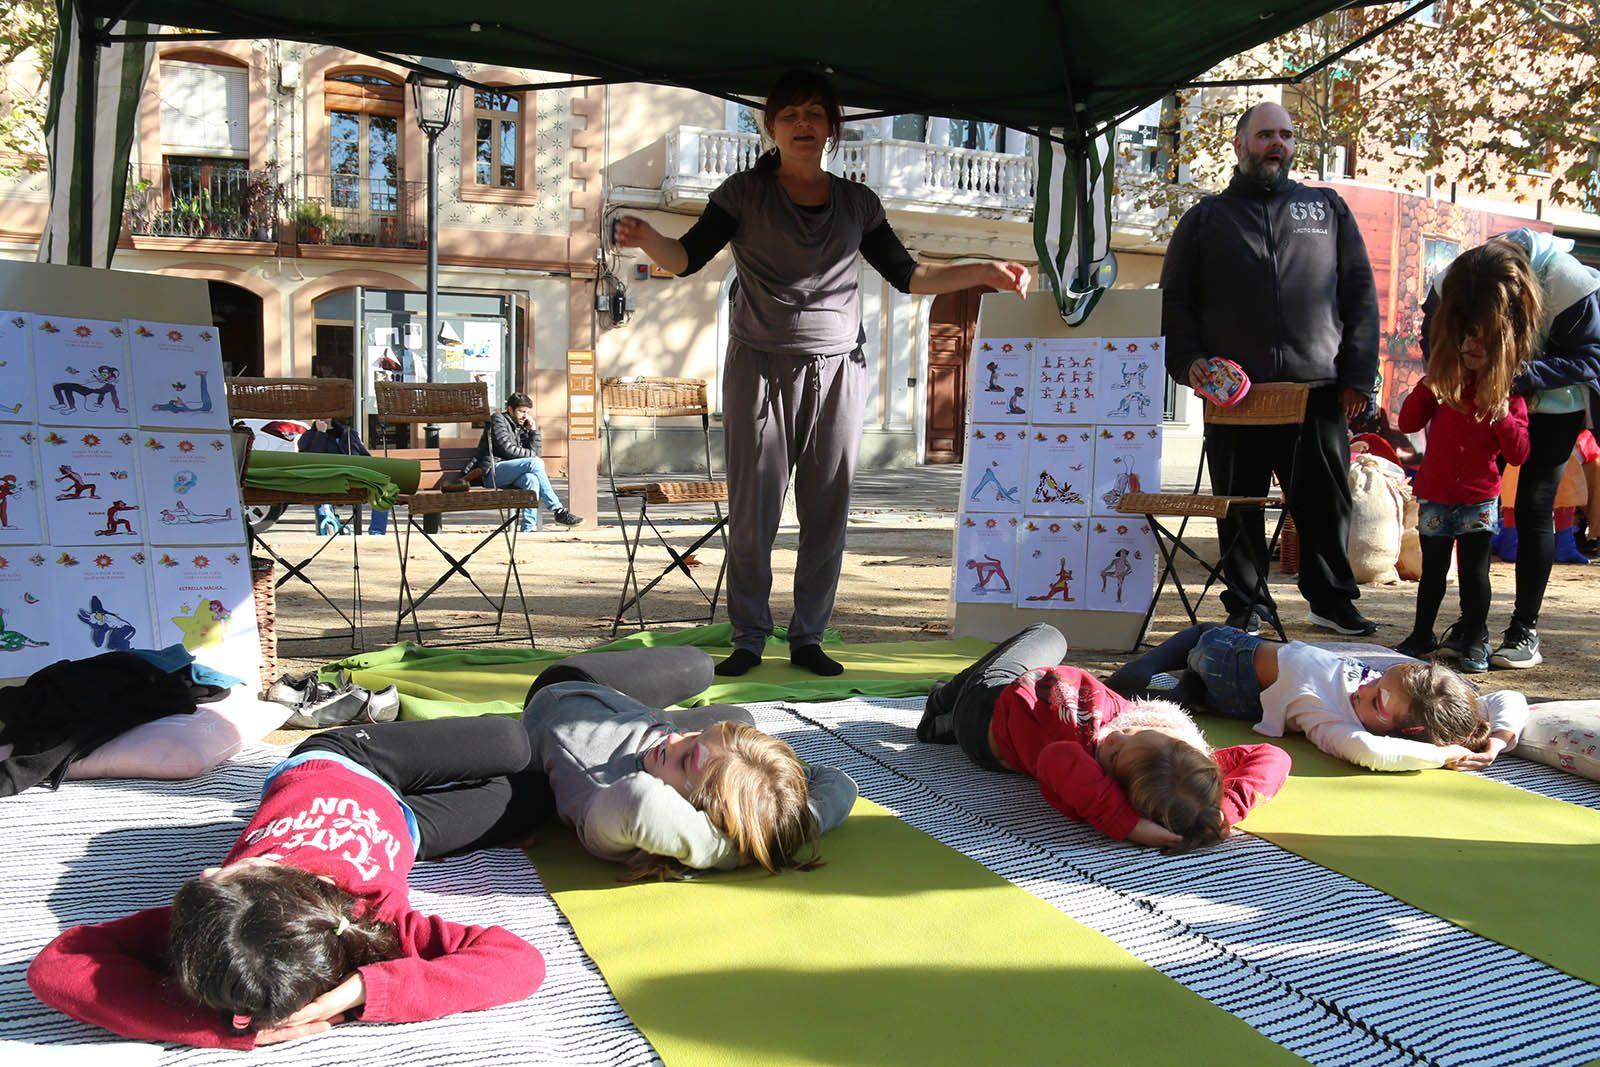 Jornada familiar d'oci i salut de l'Hospital Universitari General de Catalunya. Foto: Lali Álvarez